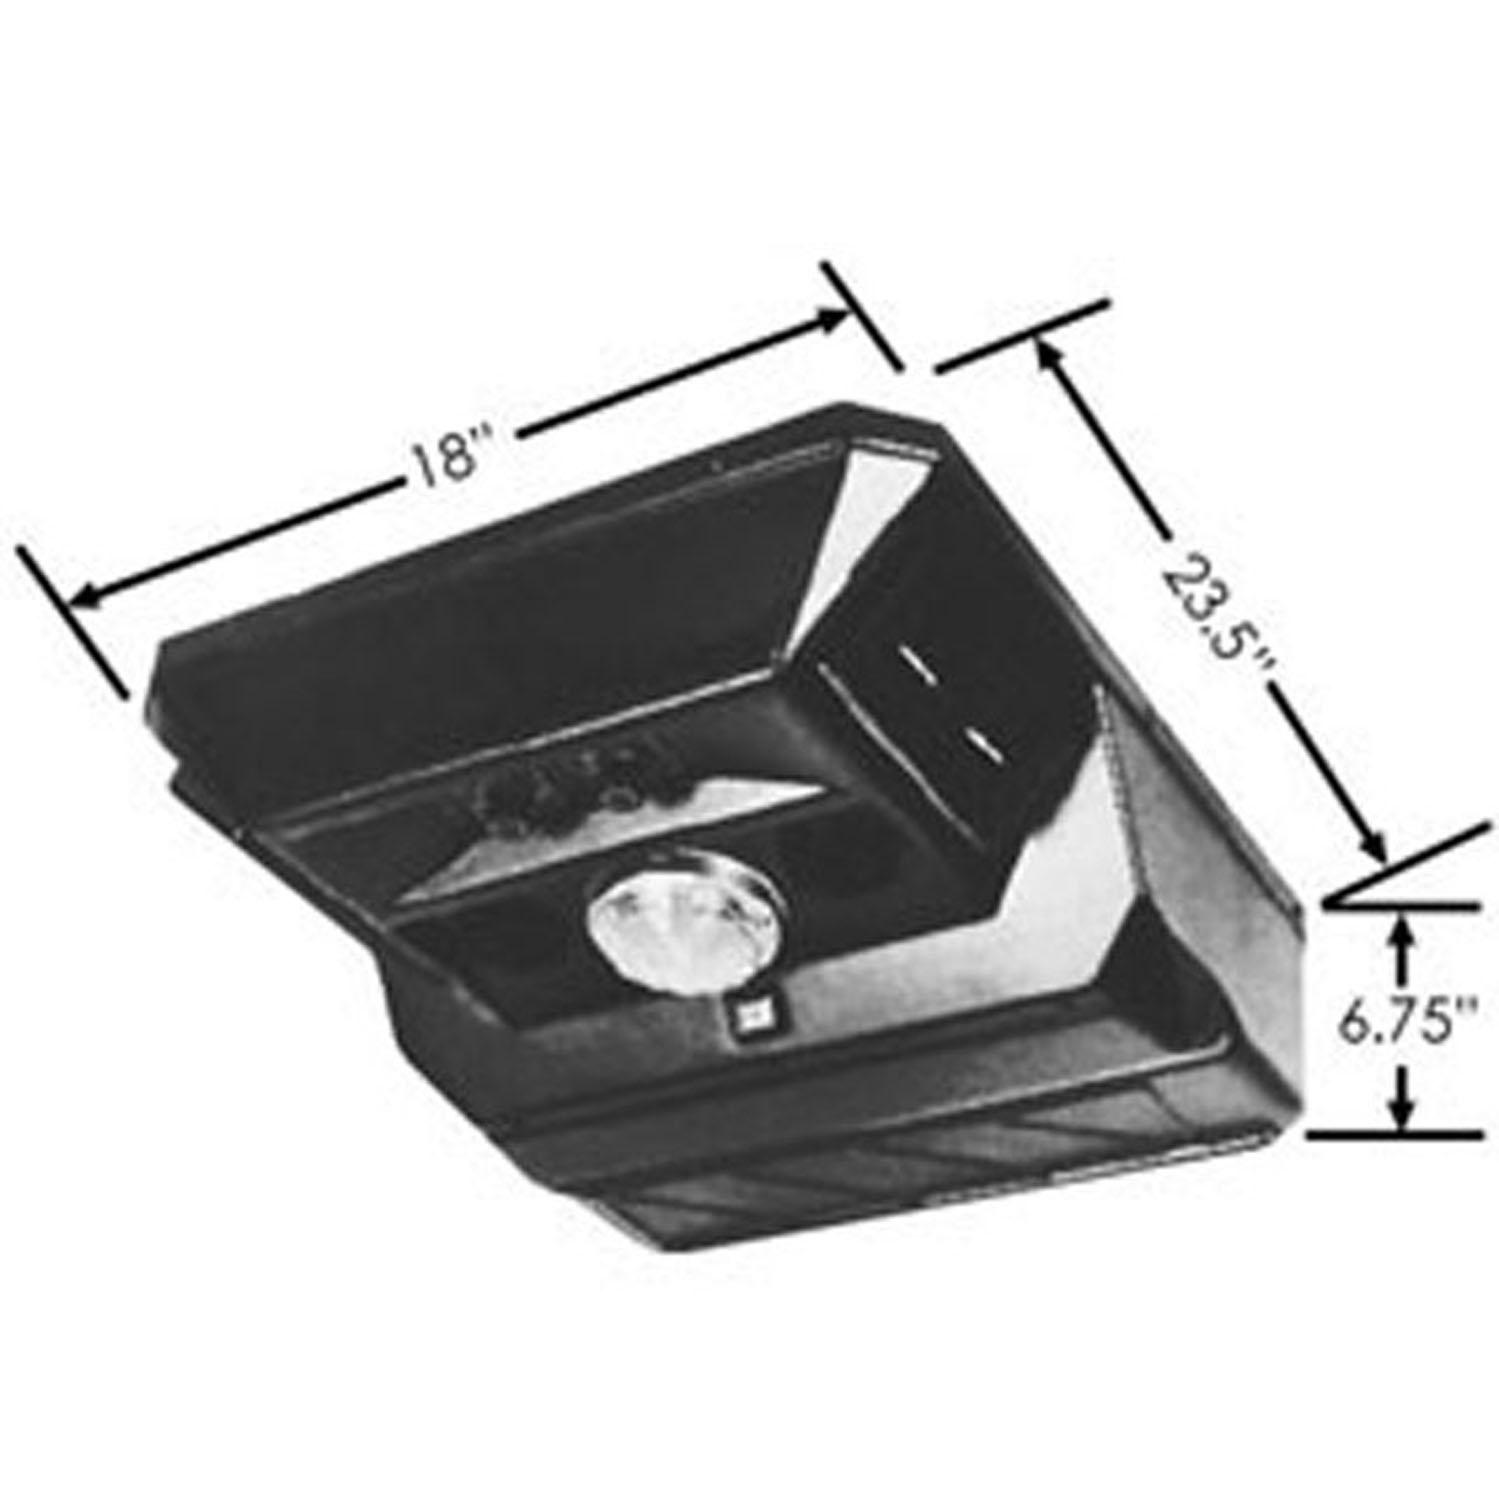 Evaporator Assembly TRUCK CAB CEIL UNIT